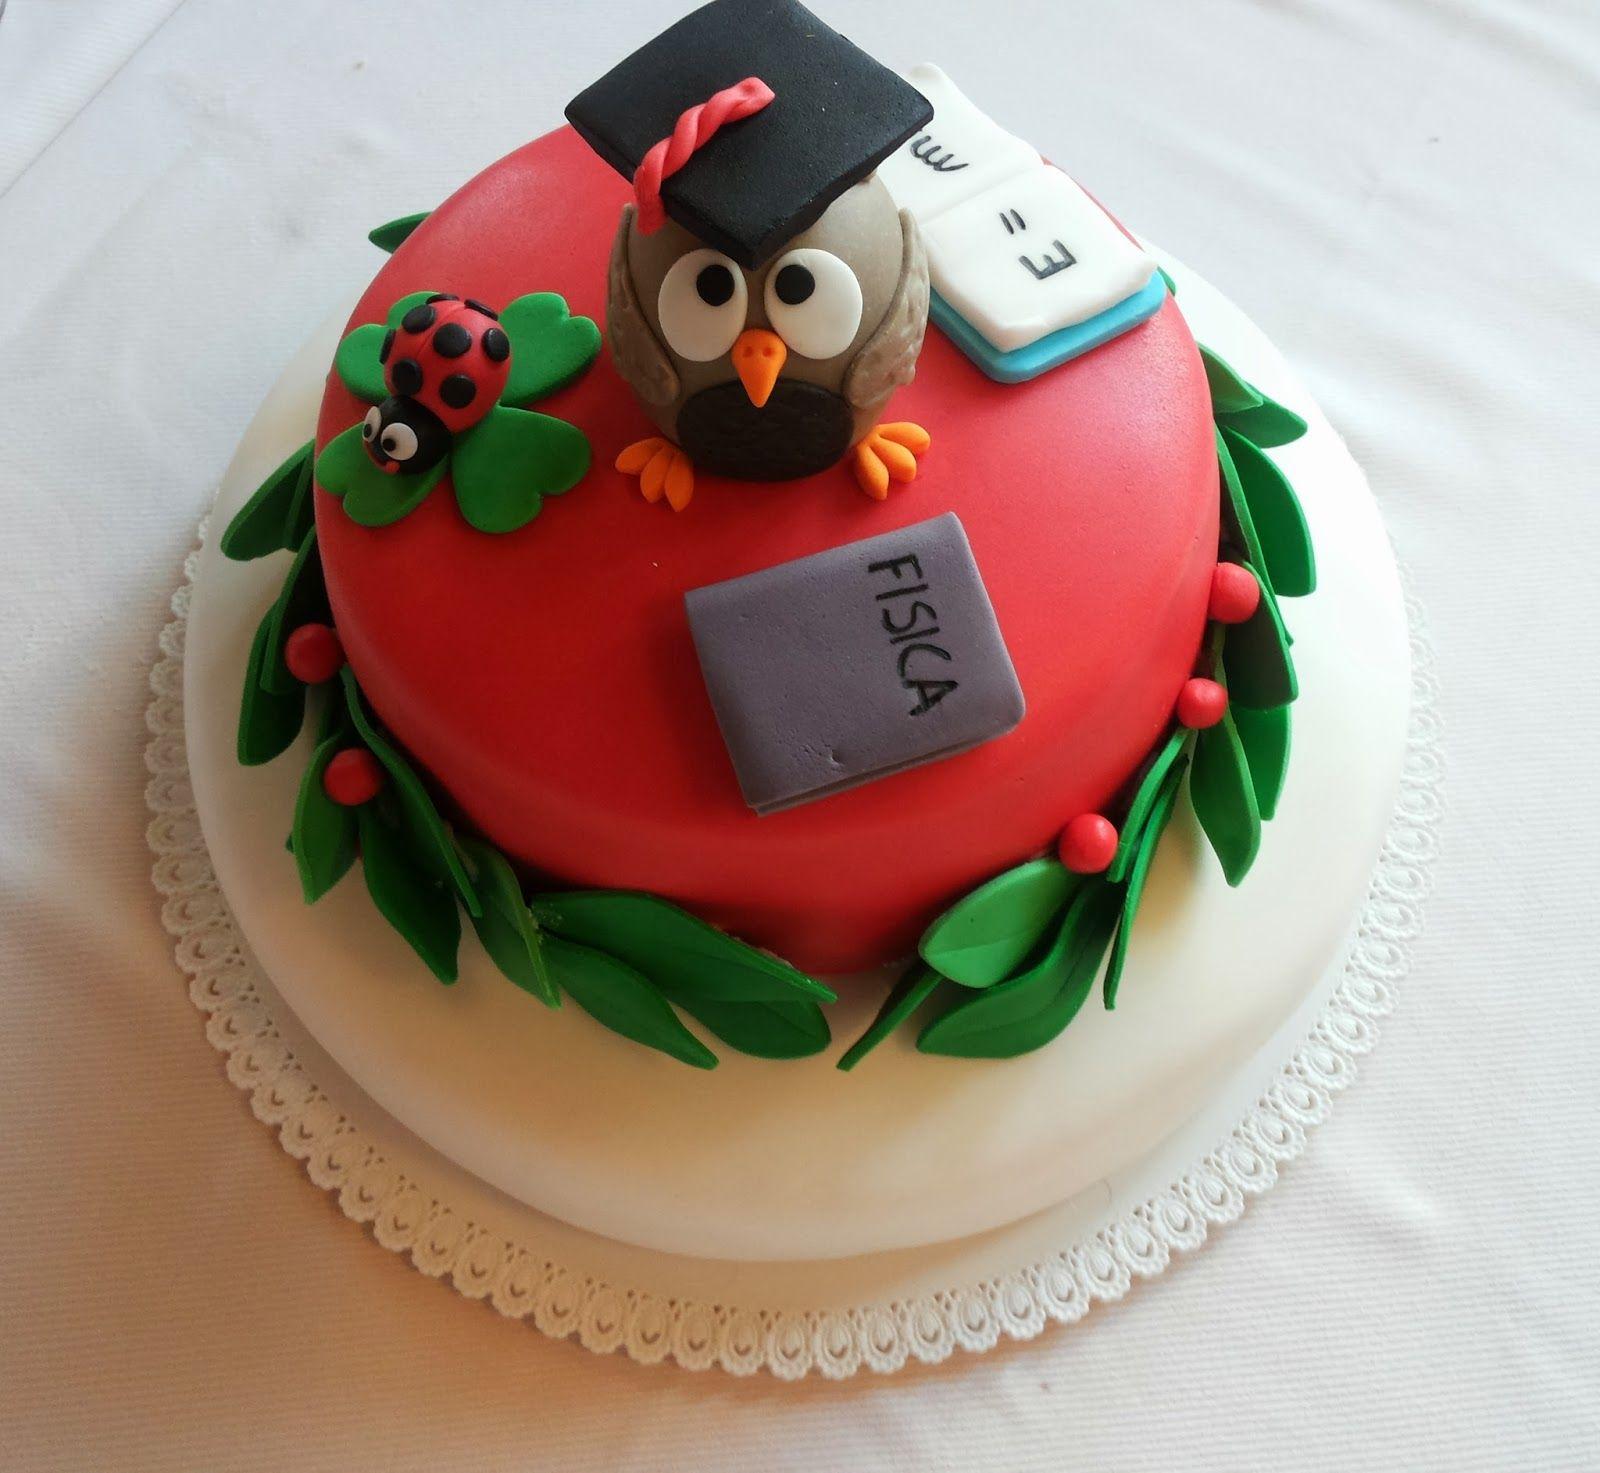 Torte di laurea rettangolari cerca con google cake for Decorazioni per torte di laurea